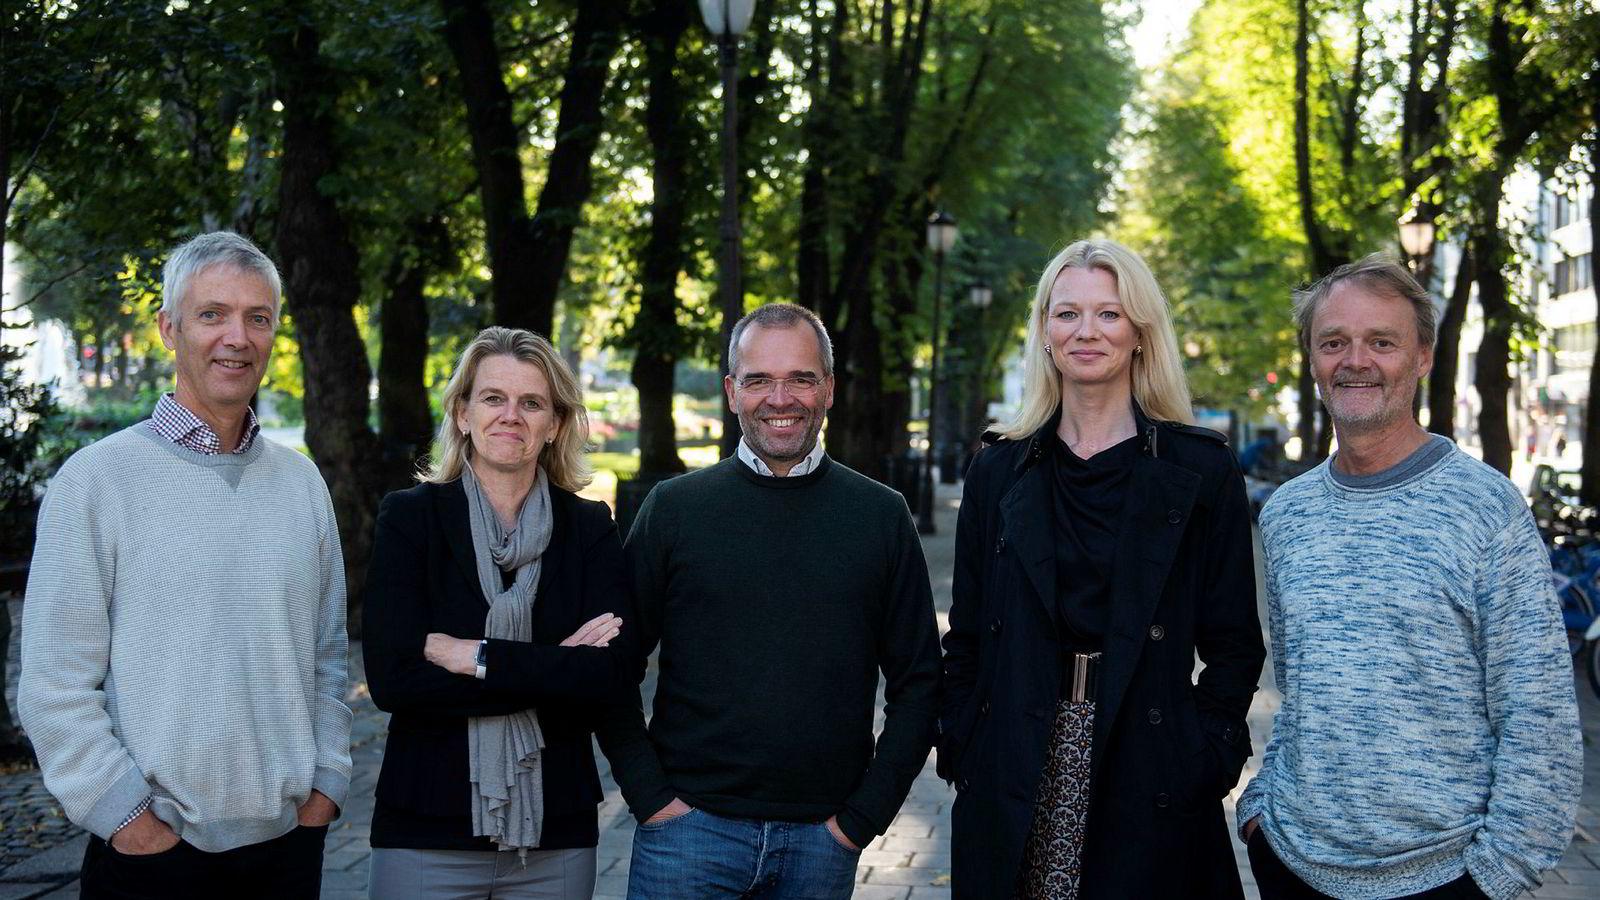 DNs rentepanel, fra venstre: Steinar Holden, Hilde Bjørnland, Ragnar Torvik, Kari Due-Andresen og Knut Røed.